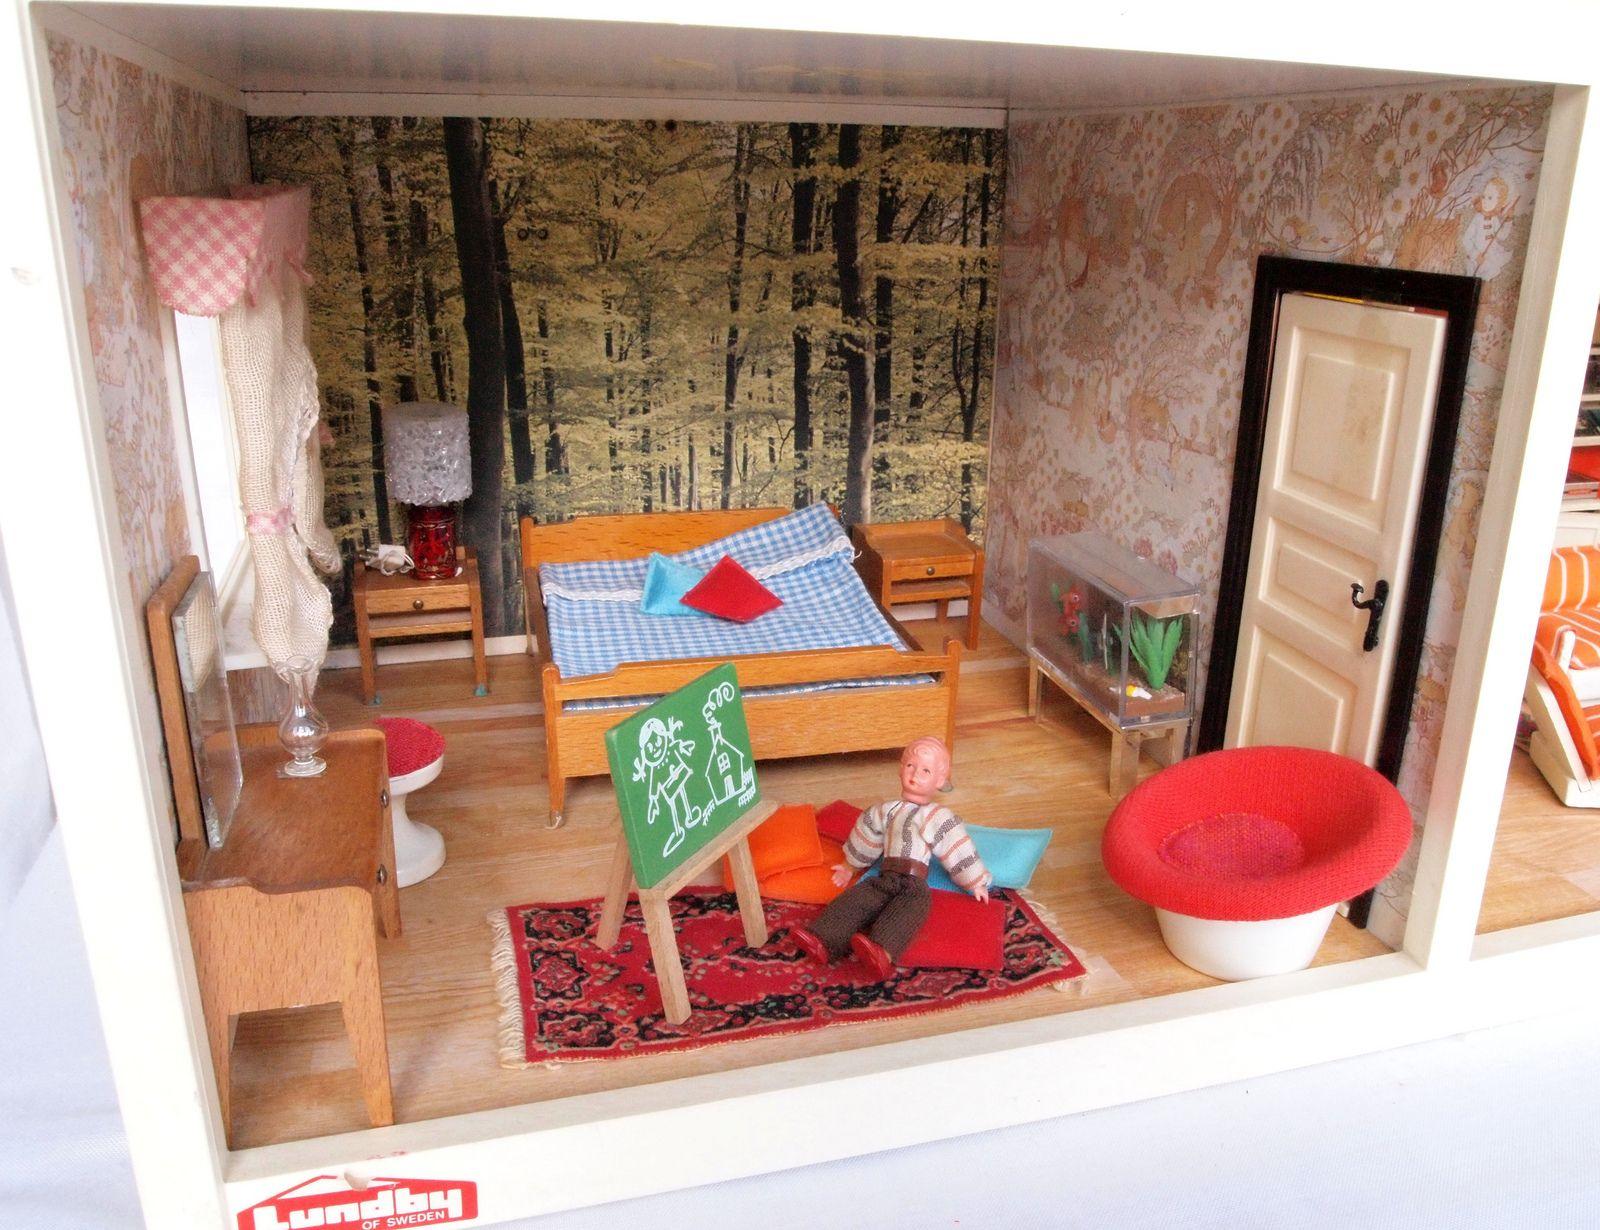 Lundby Schlafzimmer 4 | By Diepuppenstubensammlerin